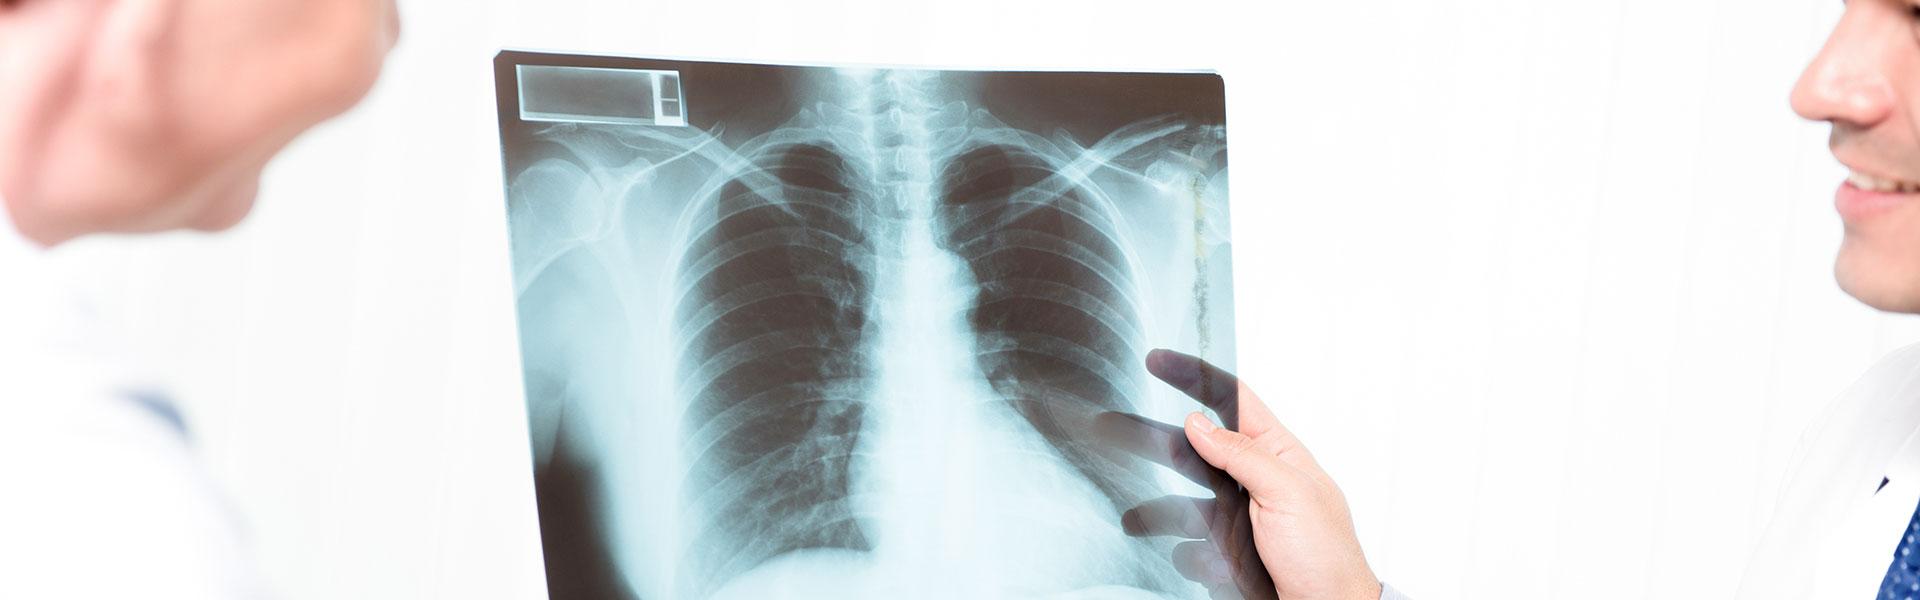 x rays hero